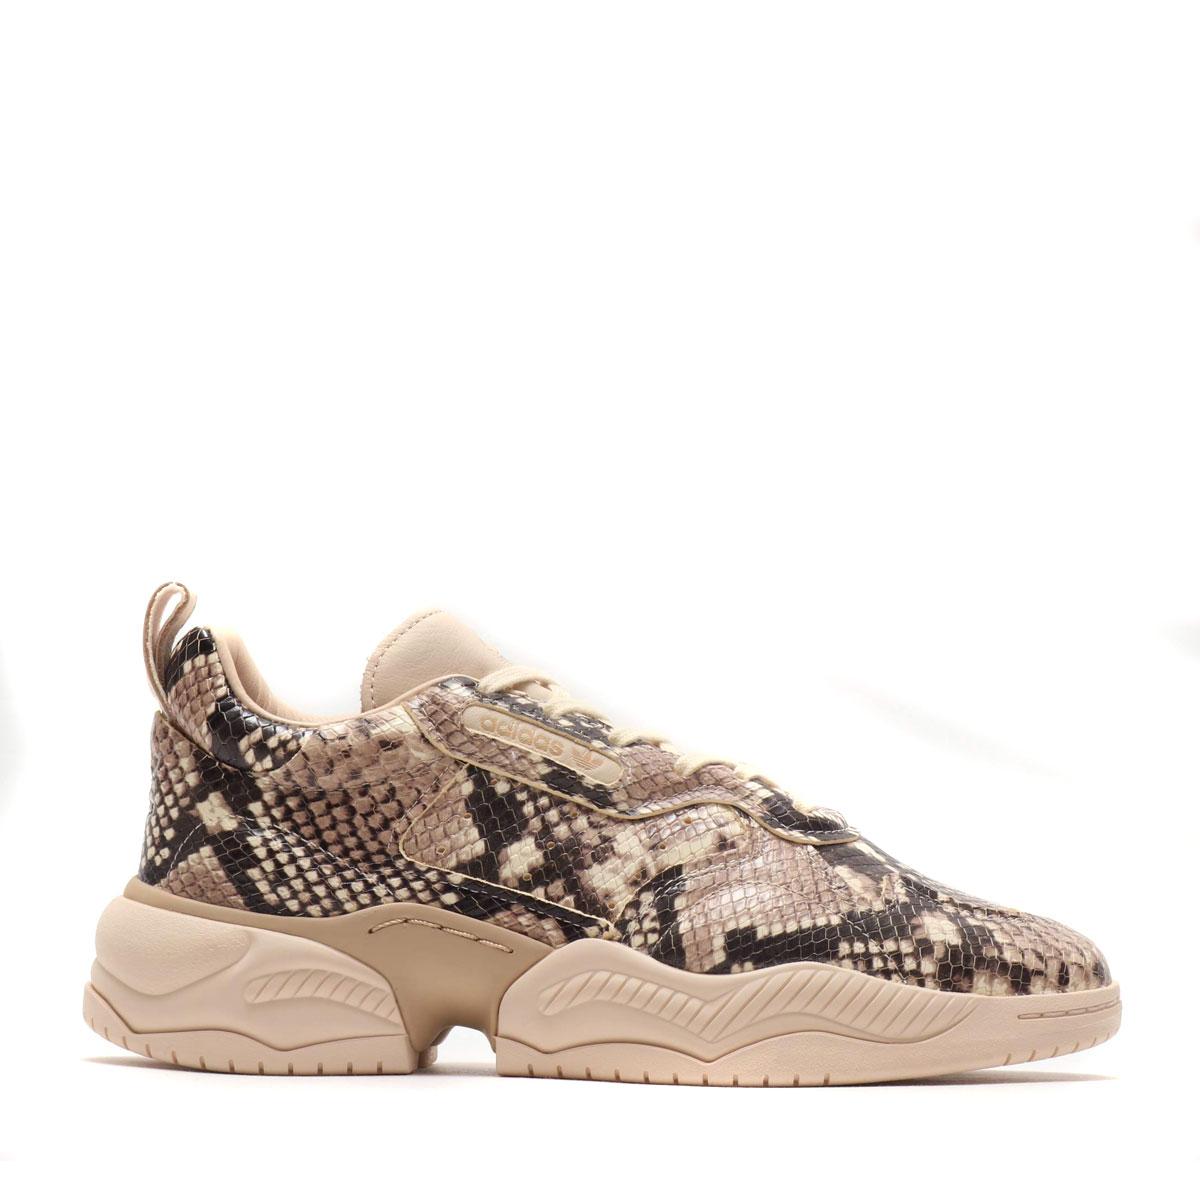 メンズ靴, スニーカー adidas Originals SUPERCOURT RX(CORE BLACKLINENPALE NUDE)( RX)19FW-S